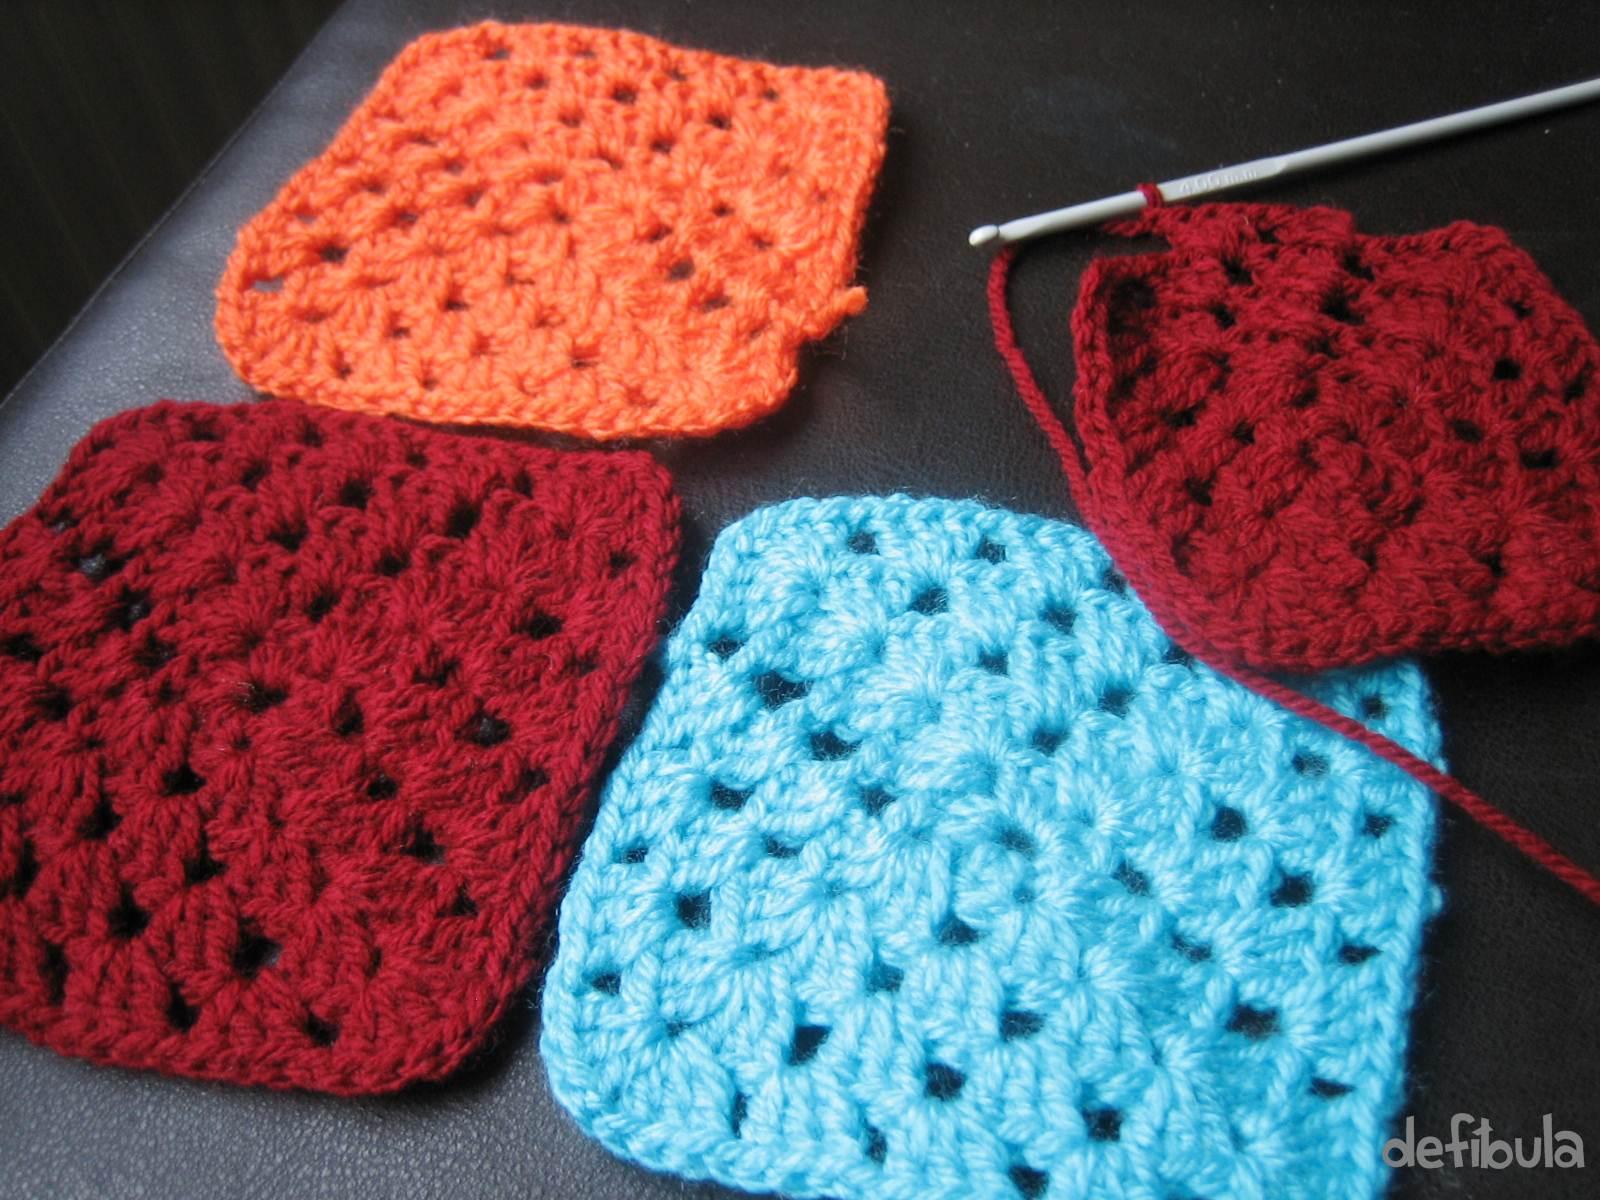 Def bula coj n de ganchillo crochet cushion - Cojin de crochet ...